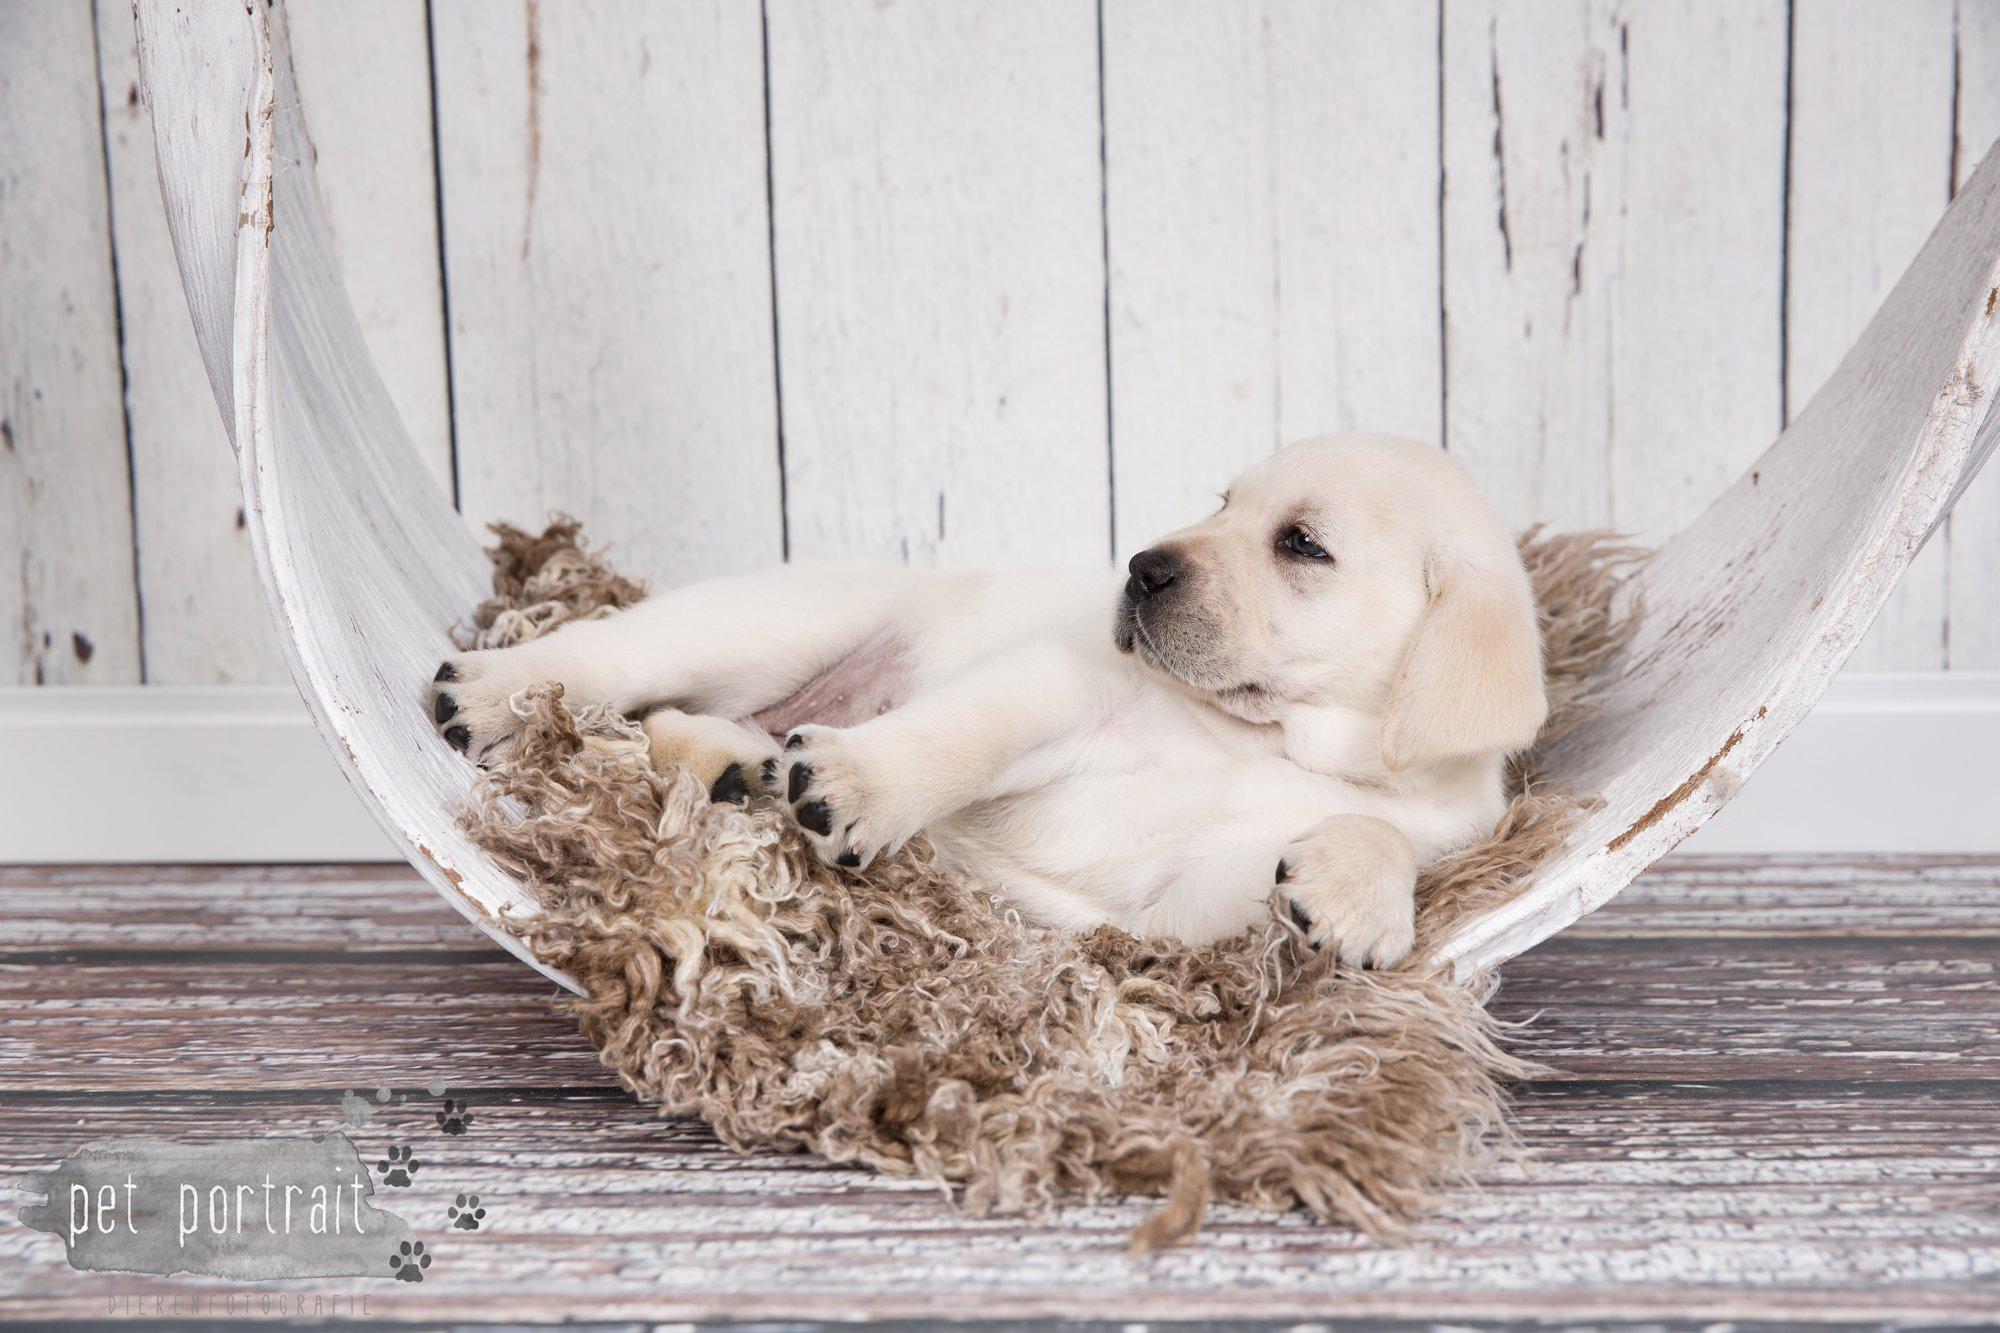 Hondenfotograaf Hillegom - Nestfotoshoot voor Labrador pups-26